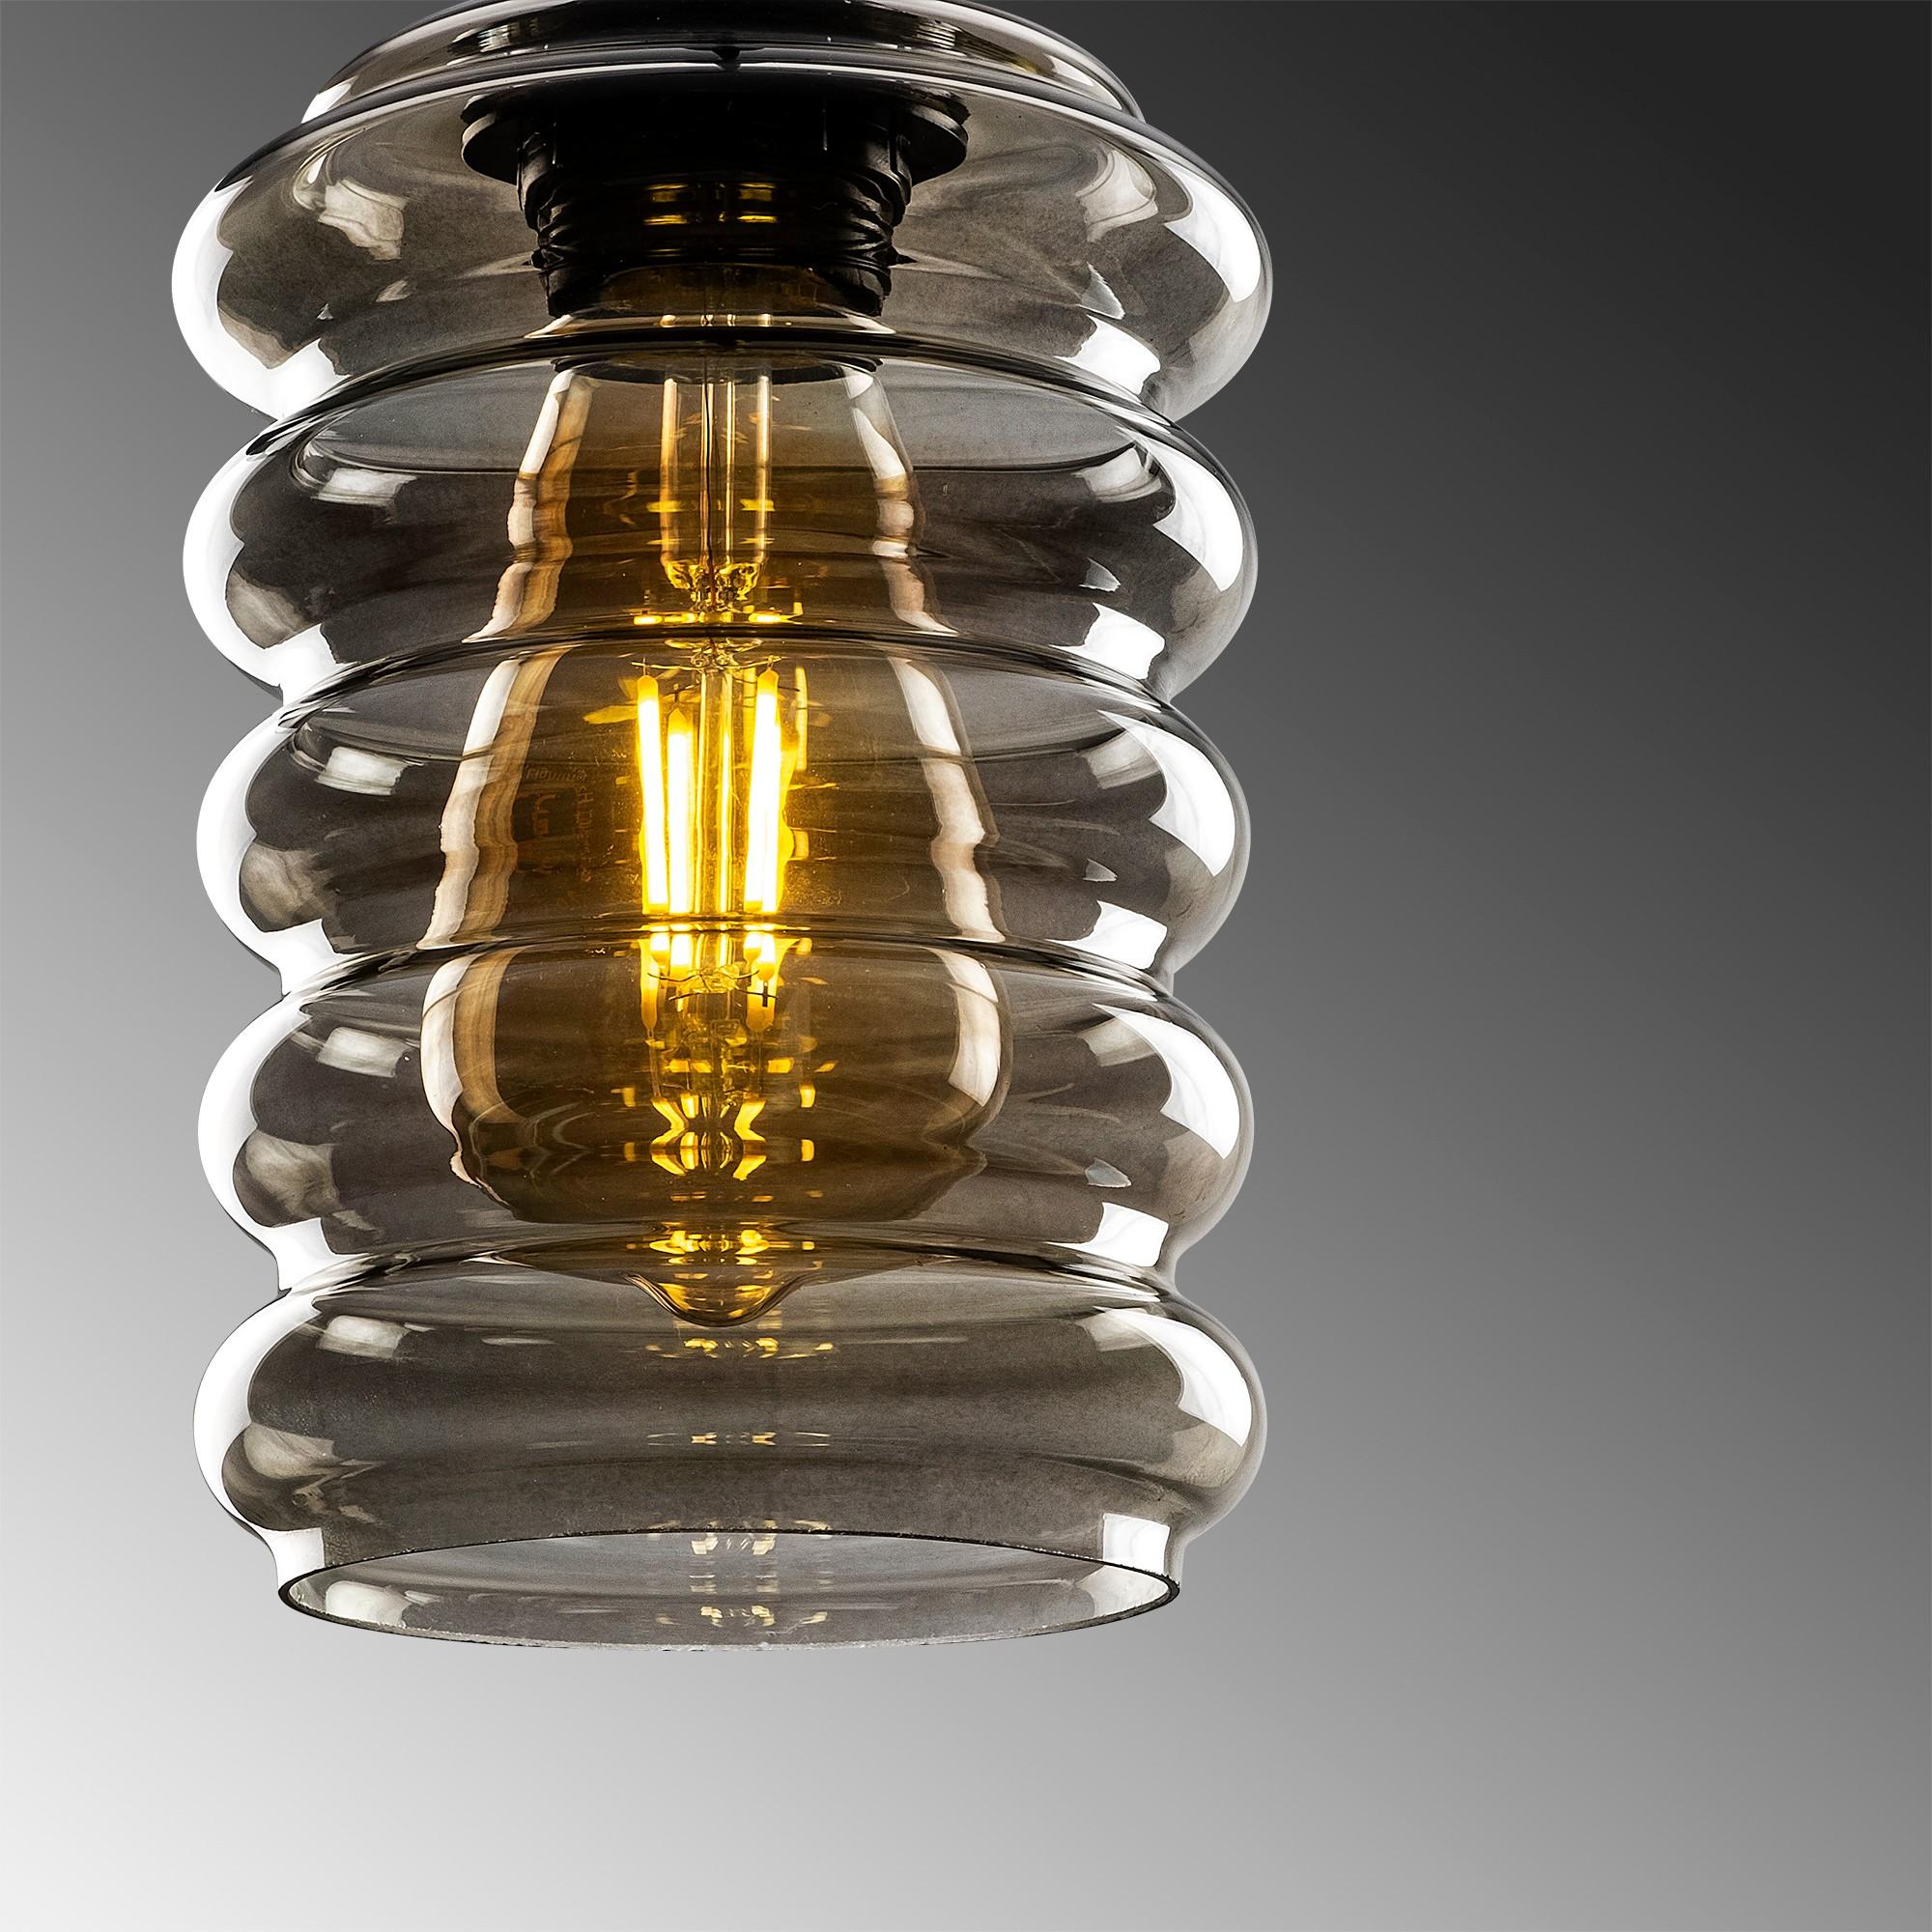 Hanglamp langwerpig smoked glass zwart e27 fitting - close-up